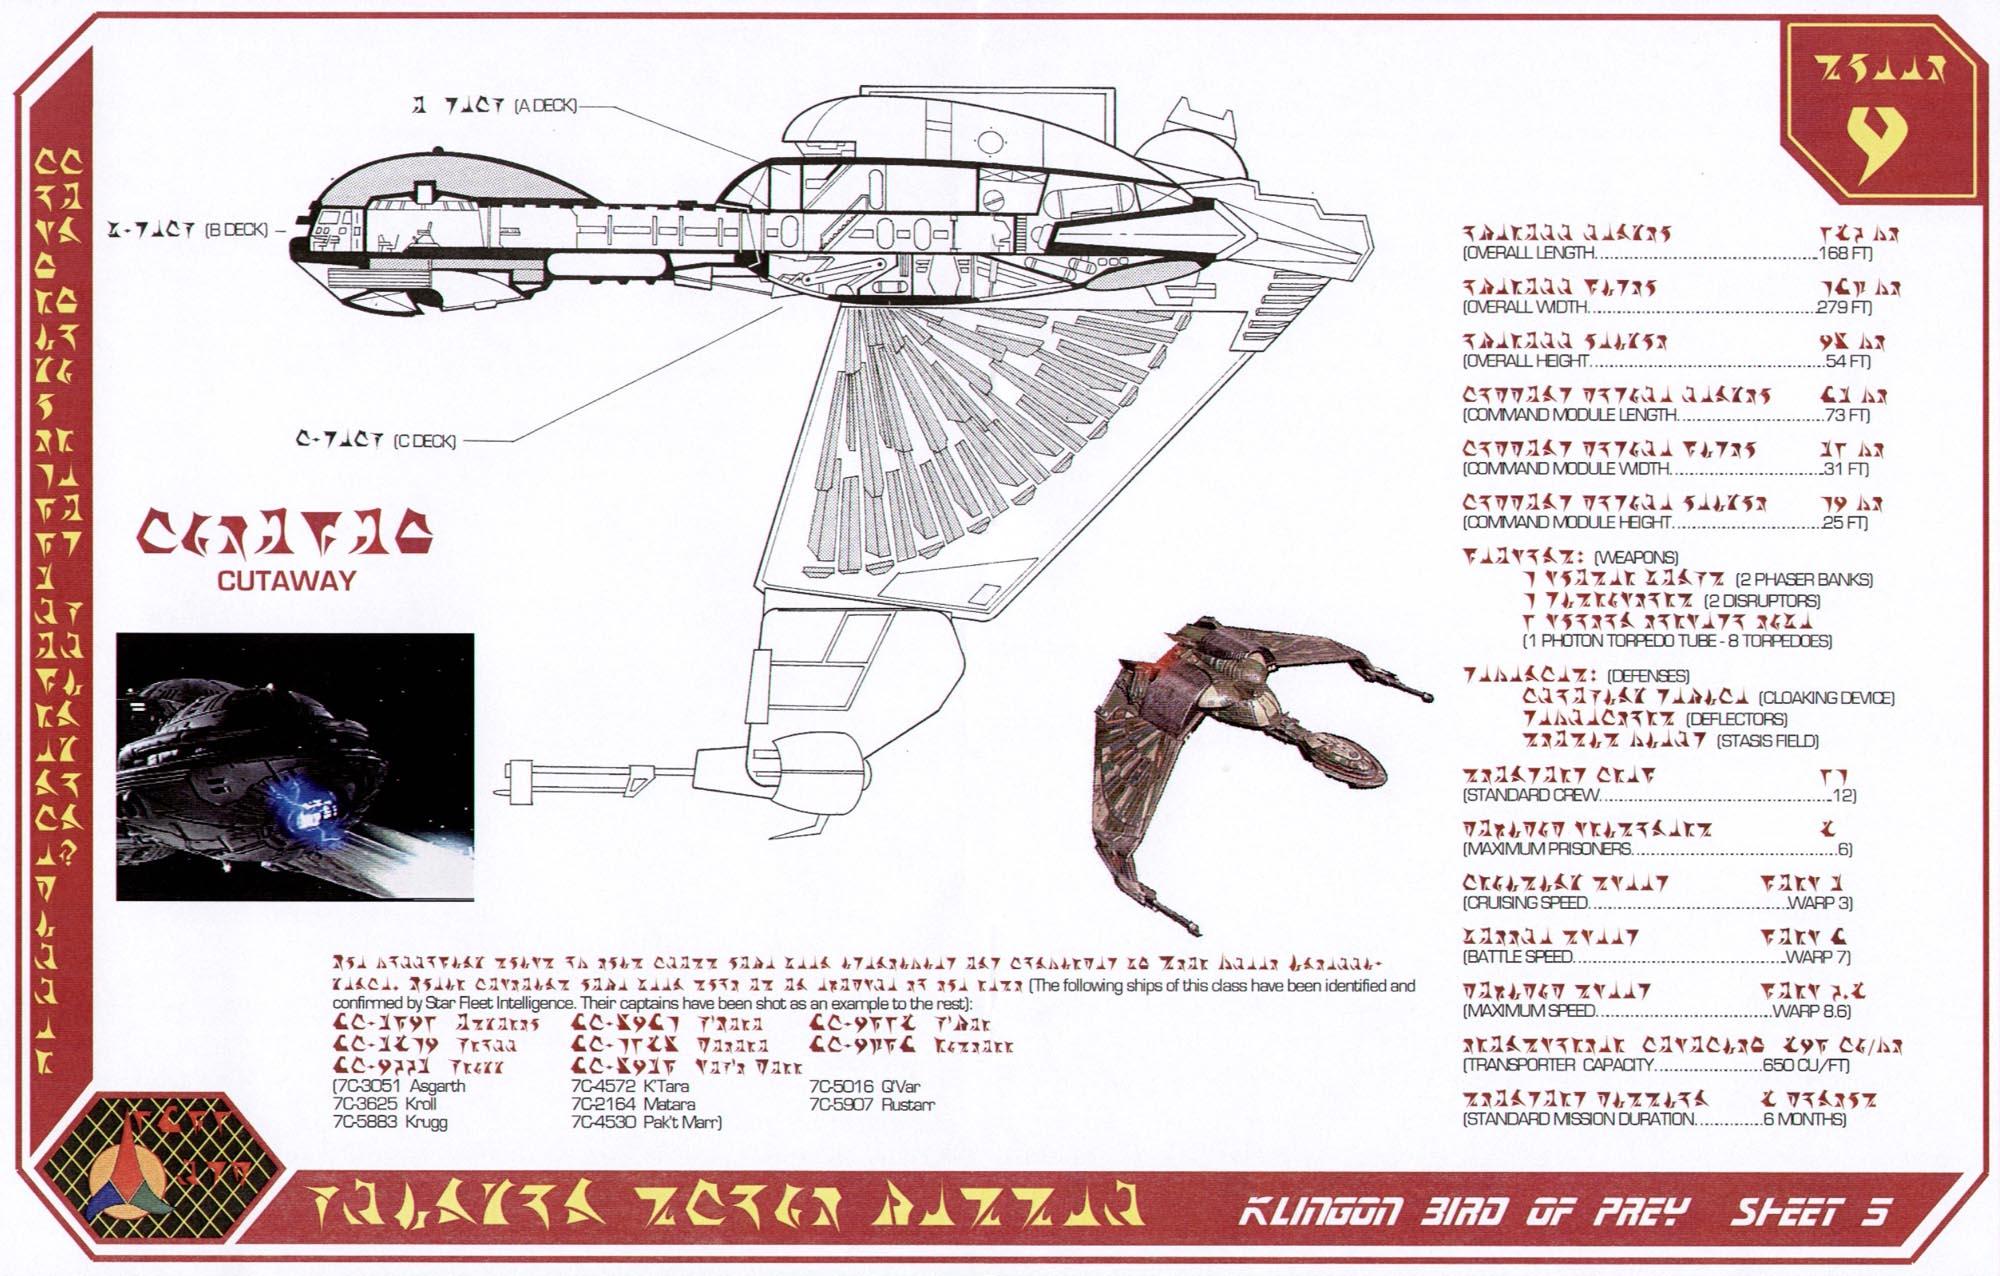 [Jeu] Association d'images - Page 5 Klingon-bird-of-prey-sheet-5